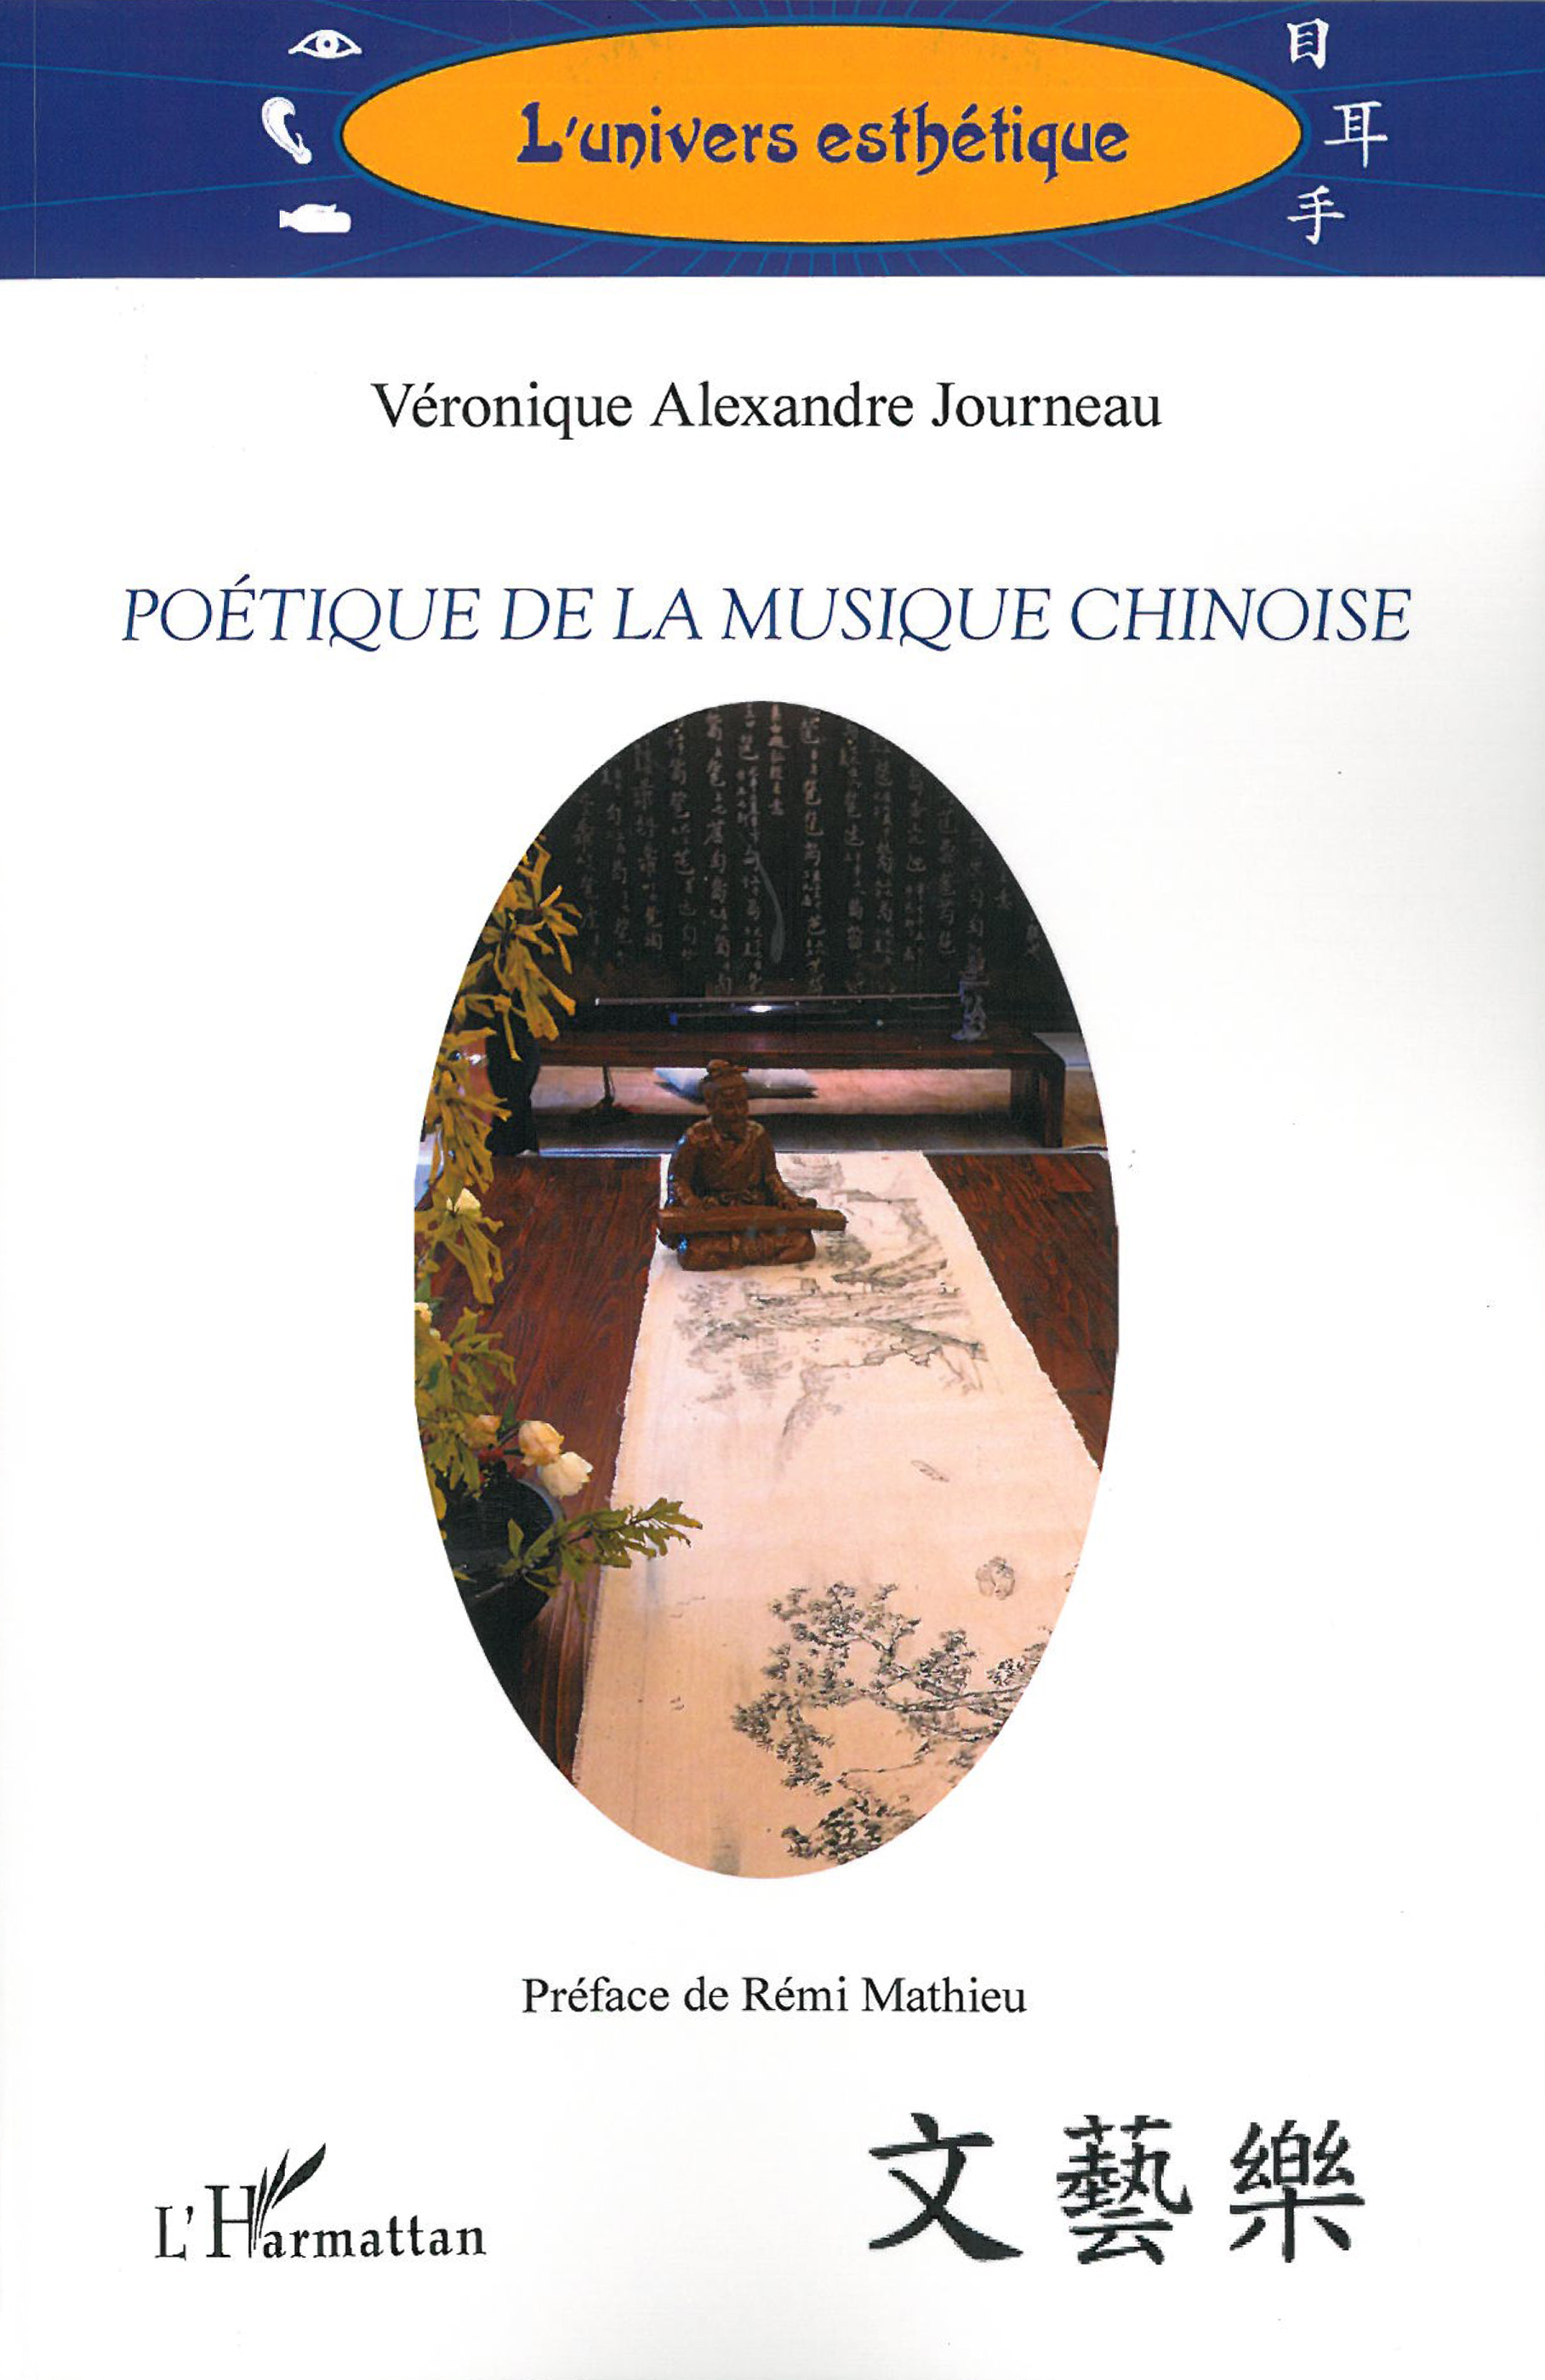 Couverture Poetiqu musique chinoise recto